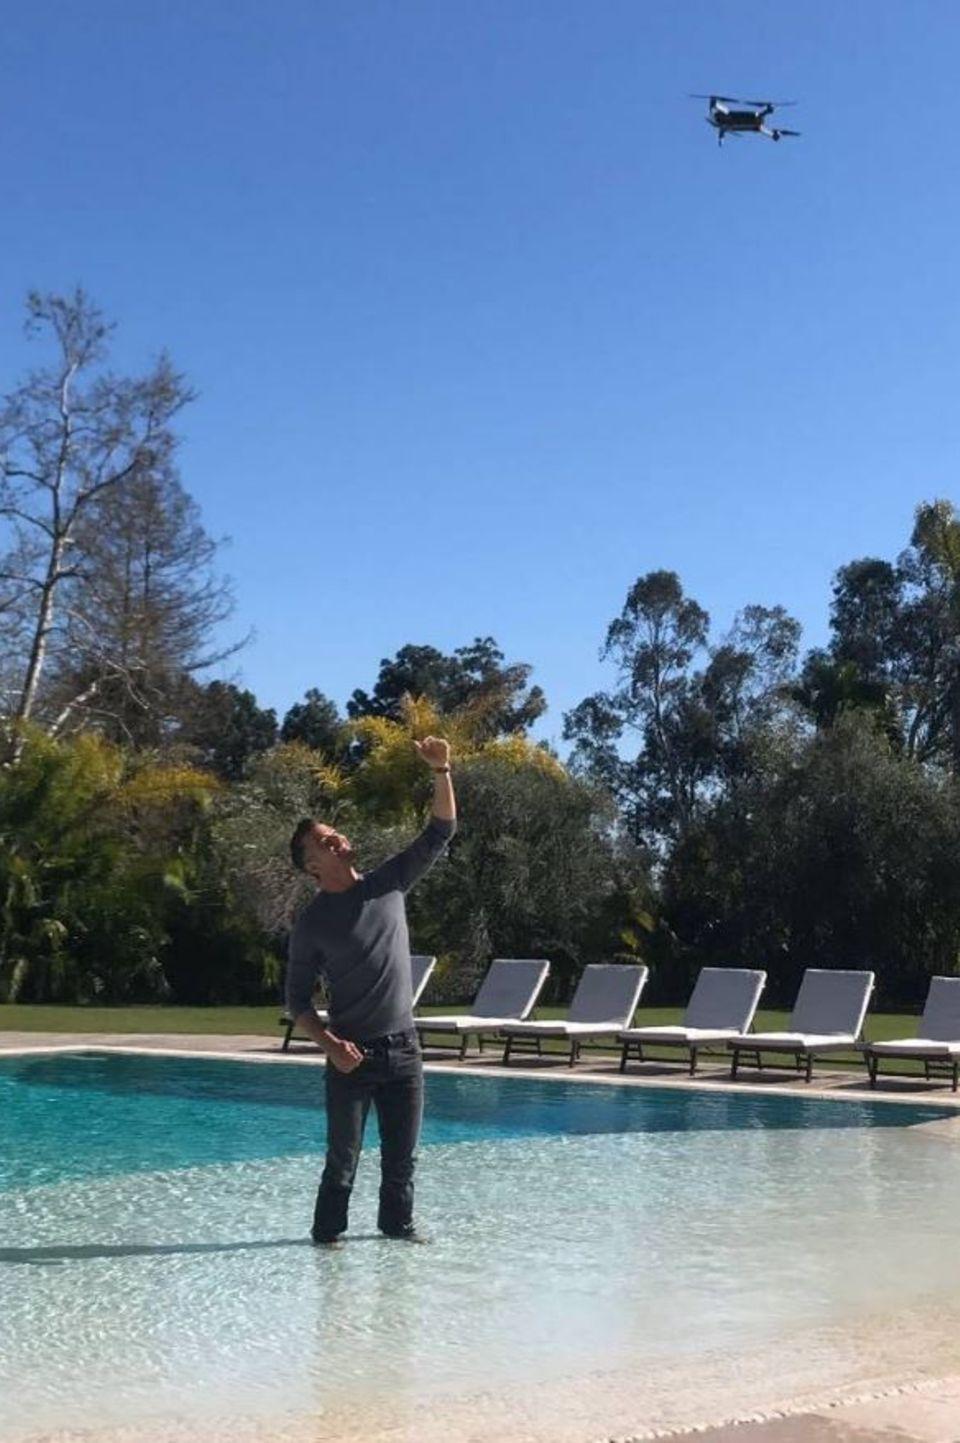 3. März 2017  Mehrere Fragen stellen einem beim Betrachten dieses Fotos: Warum hat Josh Duhamel seine Hosen an und steht im Pool und warum wird er von einer Drohne beobachtet. Leider möchte er zu diesen Fragen keine Antworten geben.